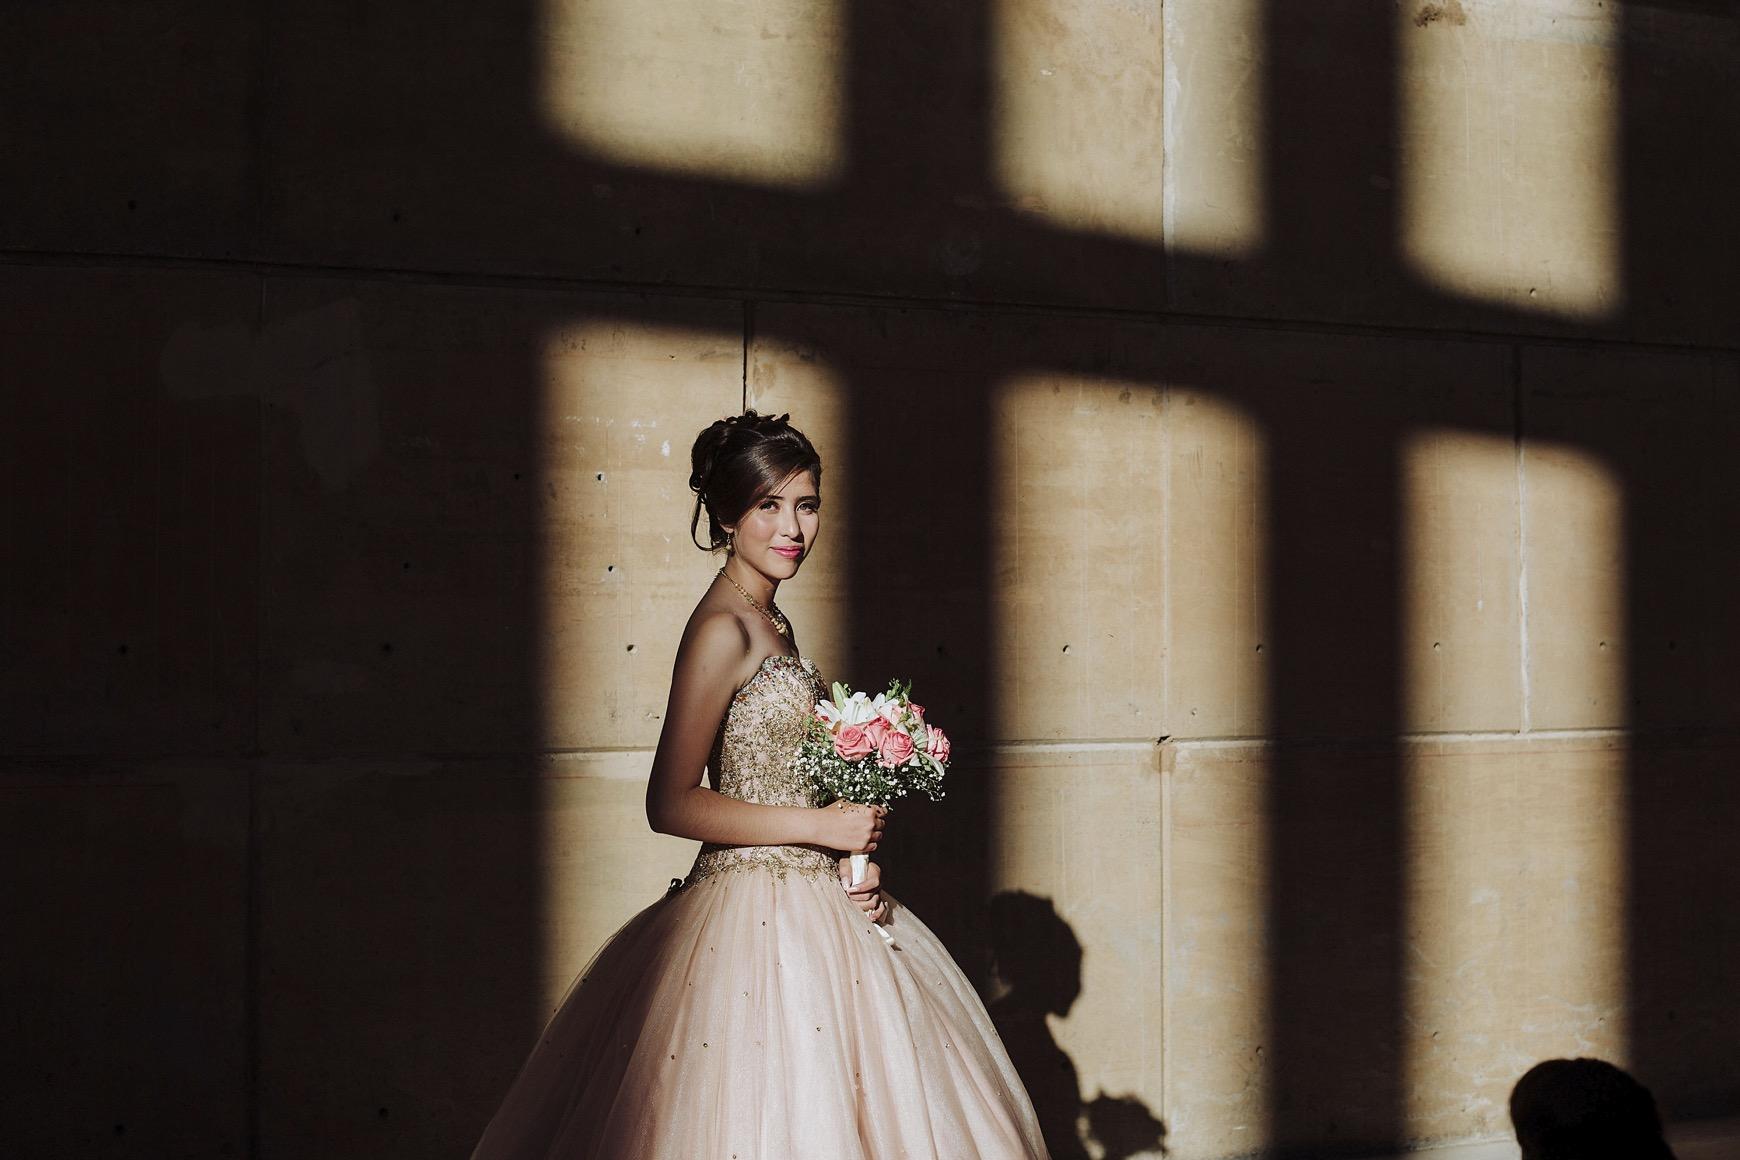 fotografos_profesionales_zacatecas_bodas_xvaños-11